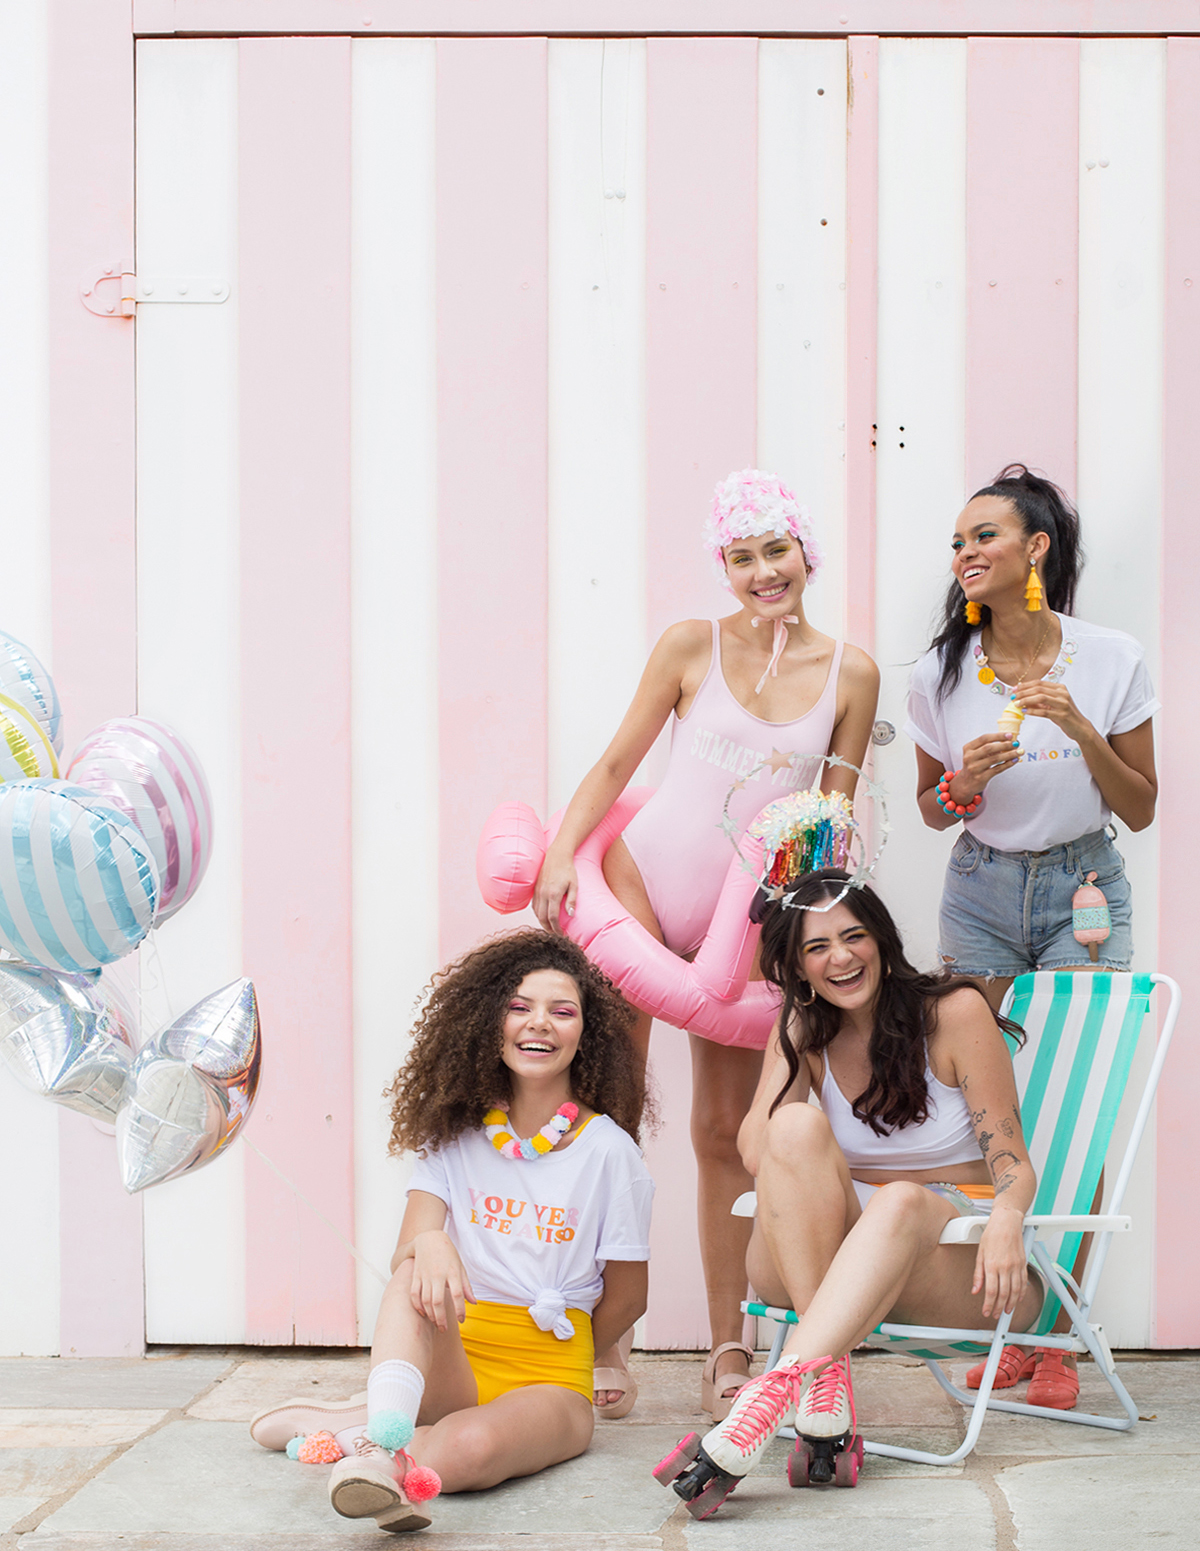 carnaval fantasia com maiô body DIY nadadora retrô bloco de rua fantasias coloridas faceis de fazer baratas blog do math 2